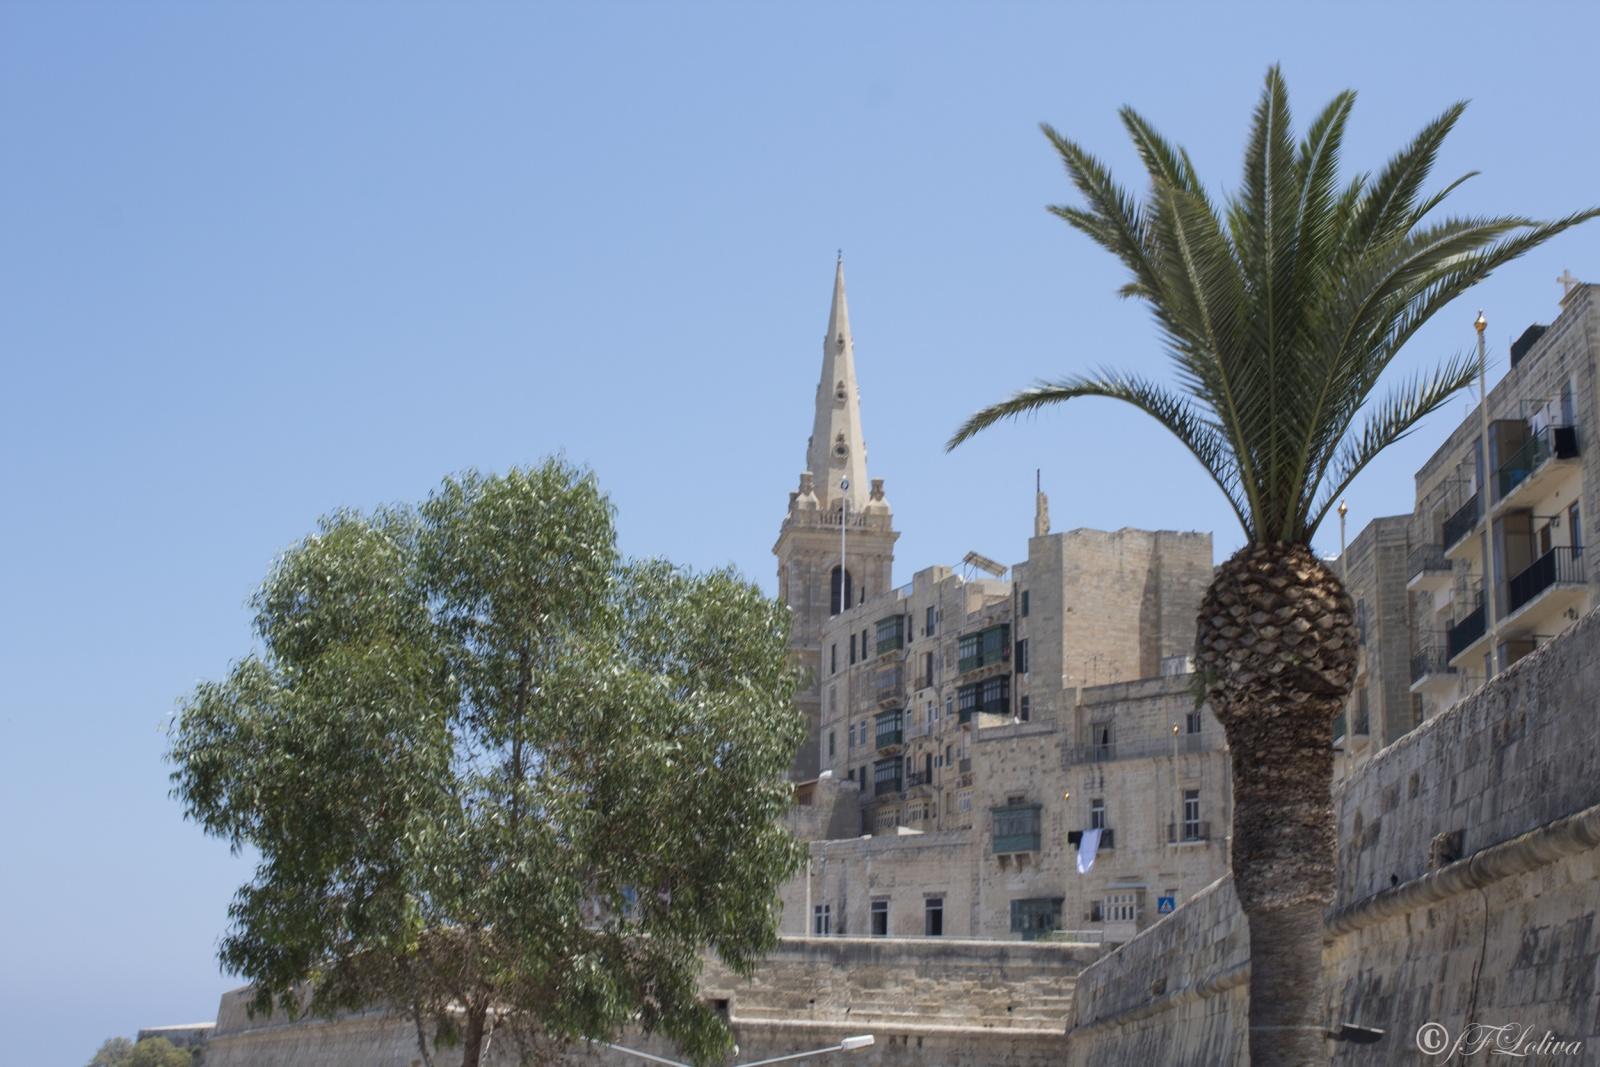 A metà strada tra l'Europa e l'Africa, nel bel mezzo del mar mediterraneo, Malta è una delle mete preferite per gli amanti del mare. La repubblica parlamentare di Malta sorge a poca distanza dalla Sicilia e con lei condivide il mare cristallino, le spiagge idilliache e la storia.